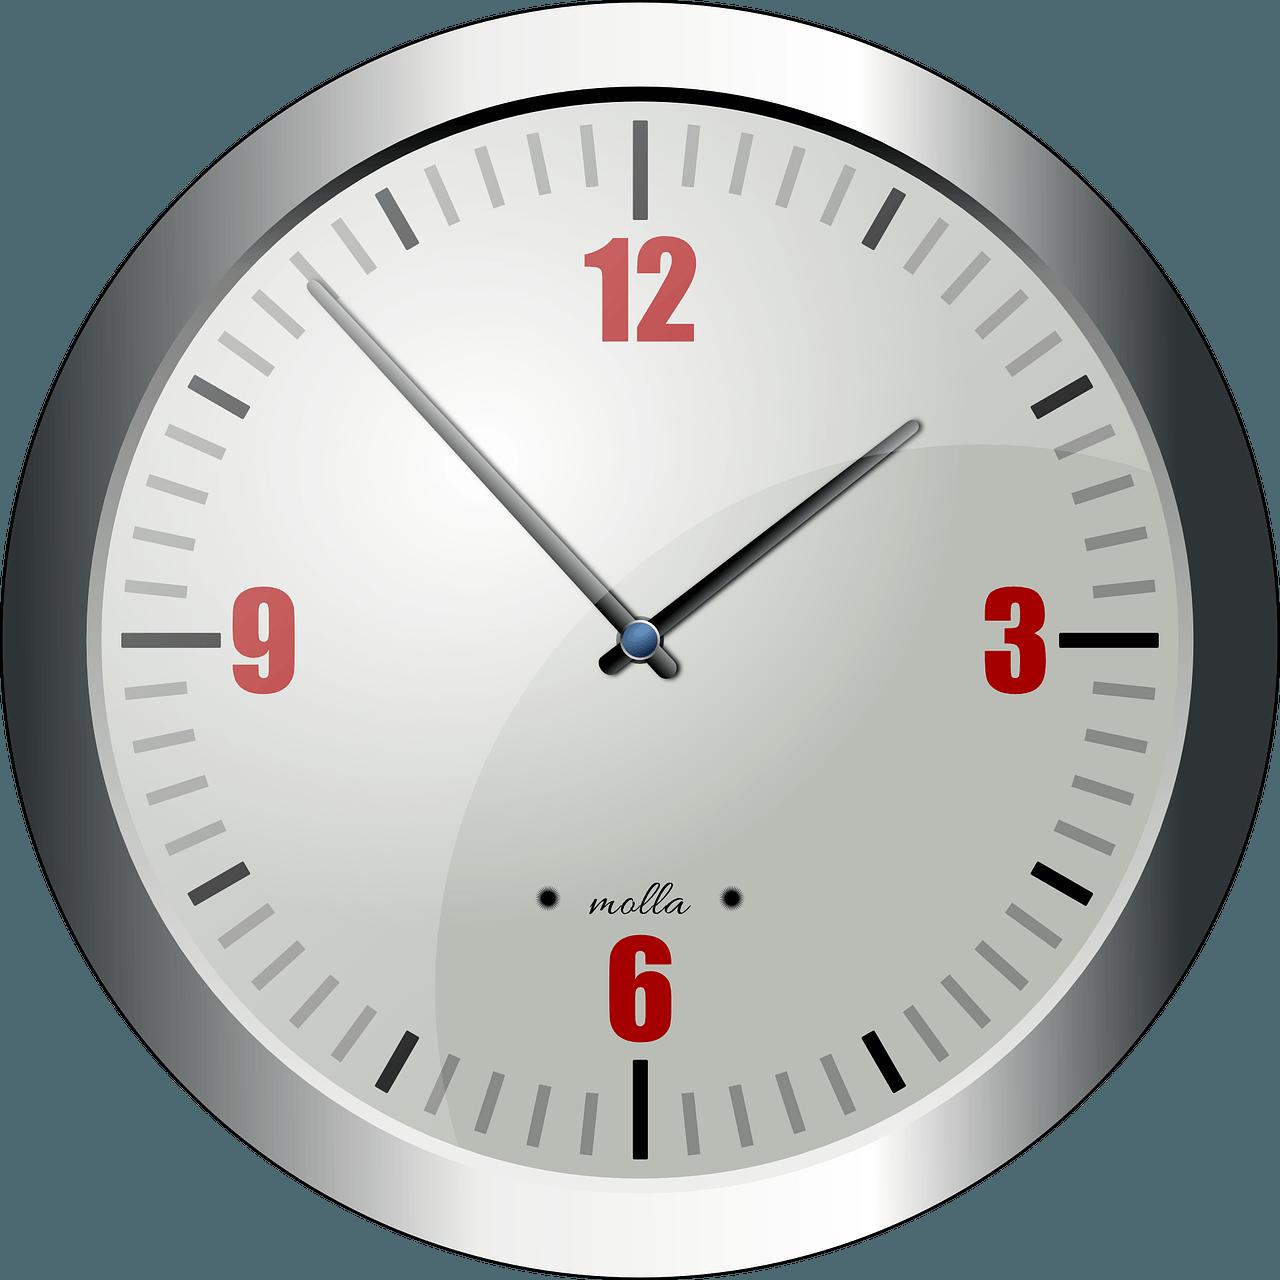 كم عدد ساعات المذاكرة في اليوم